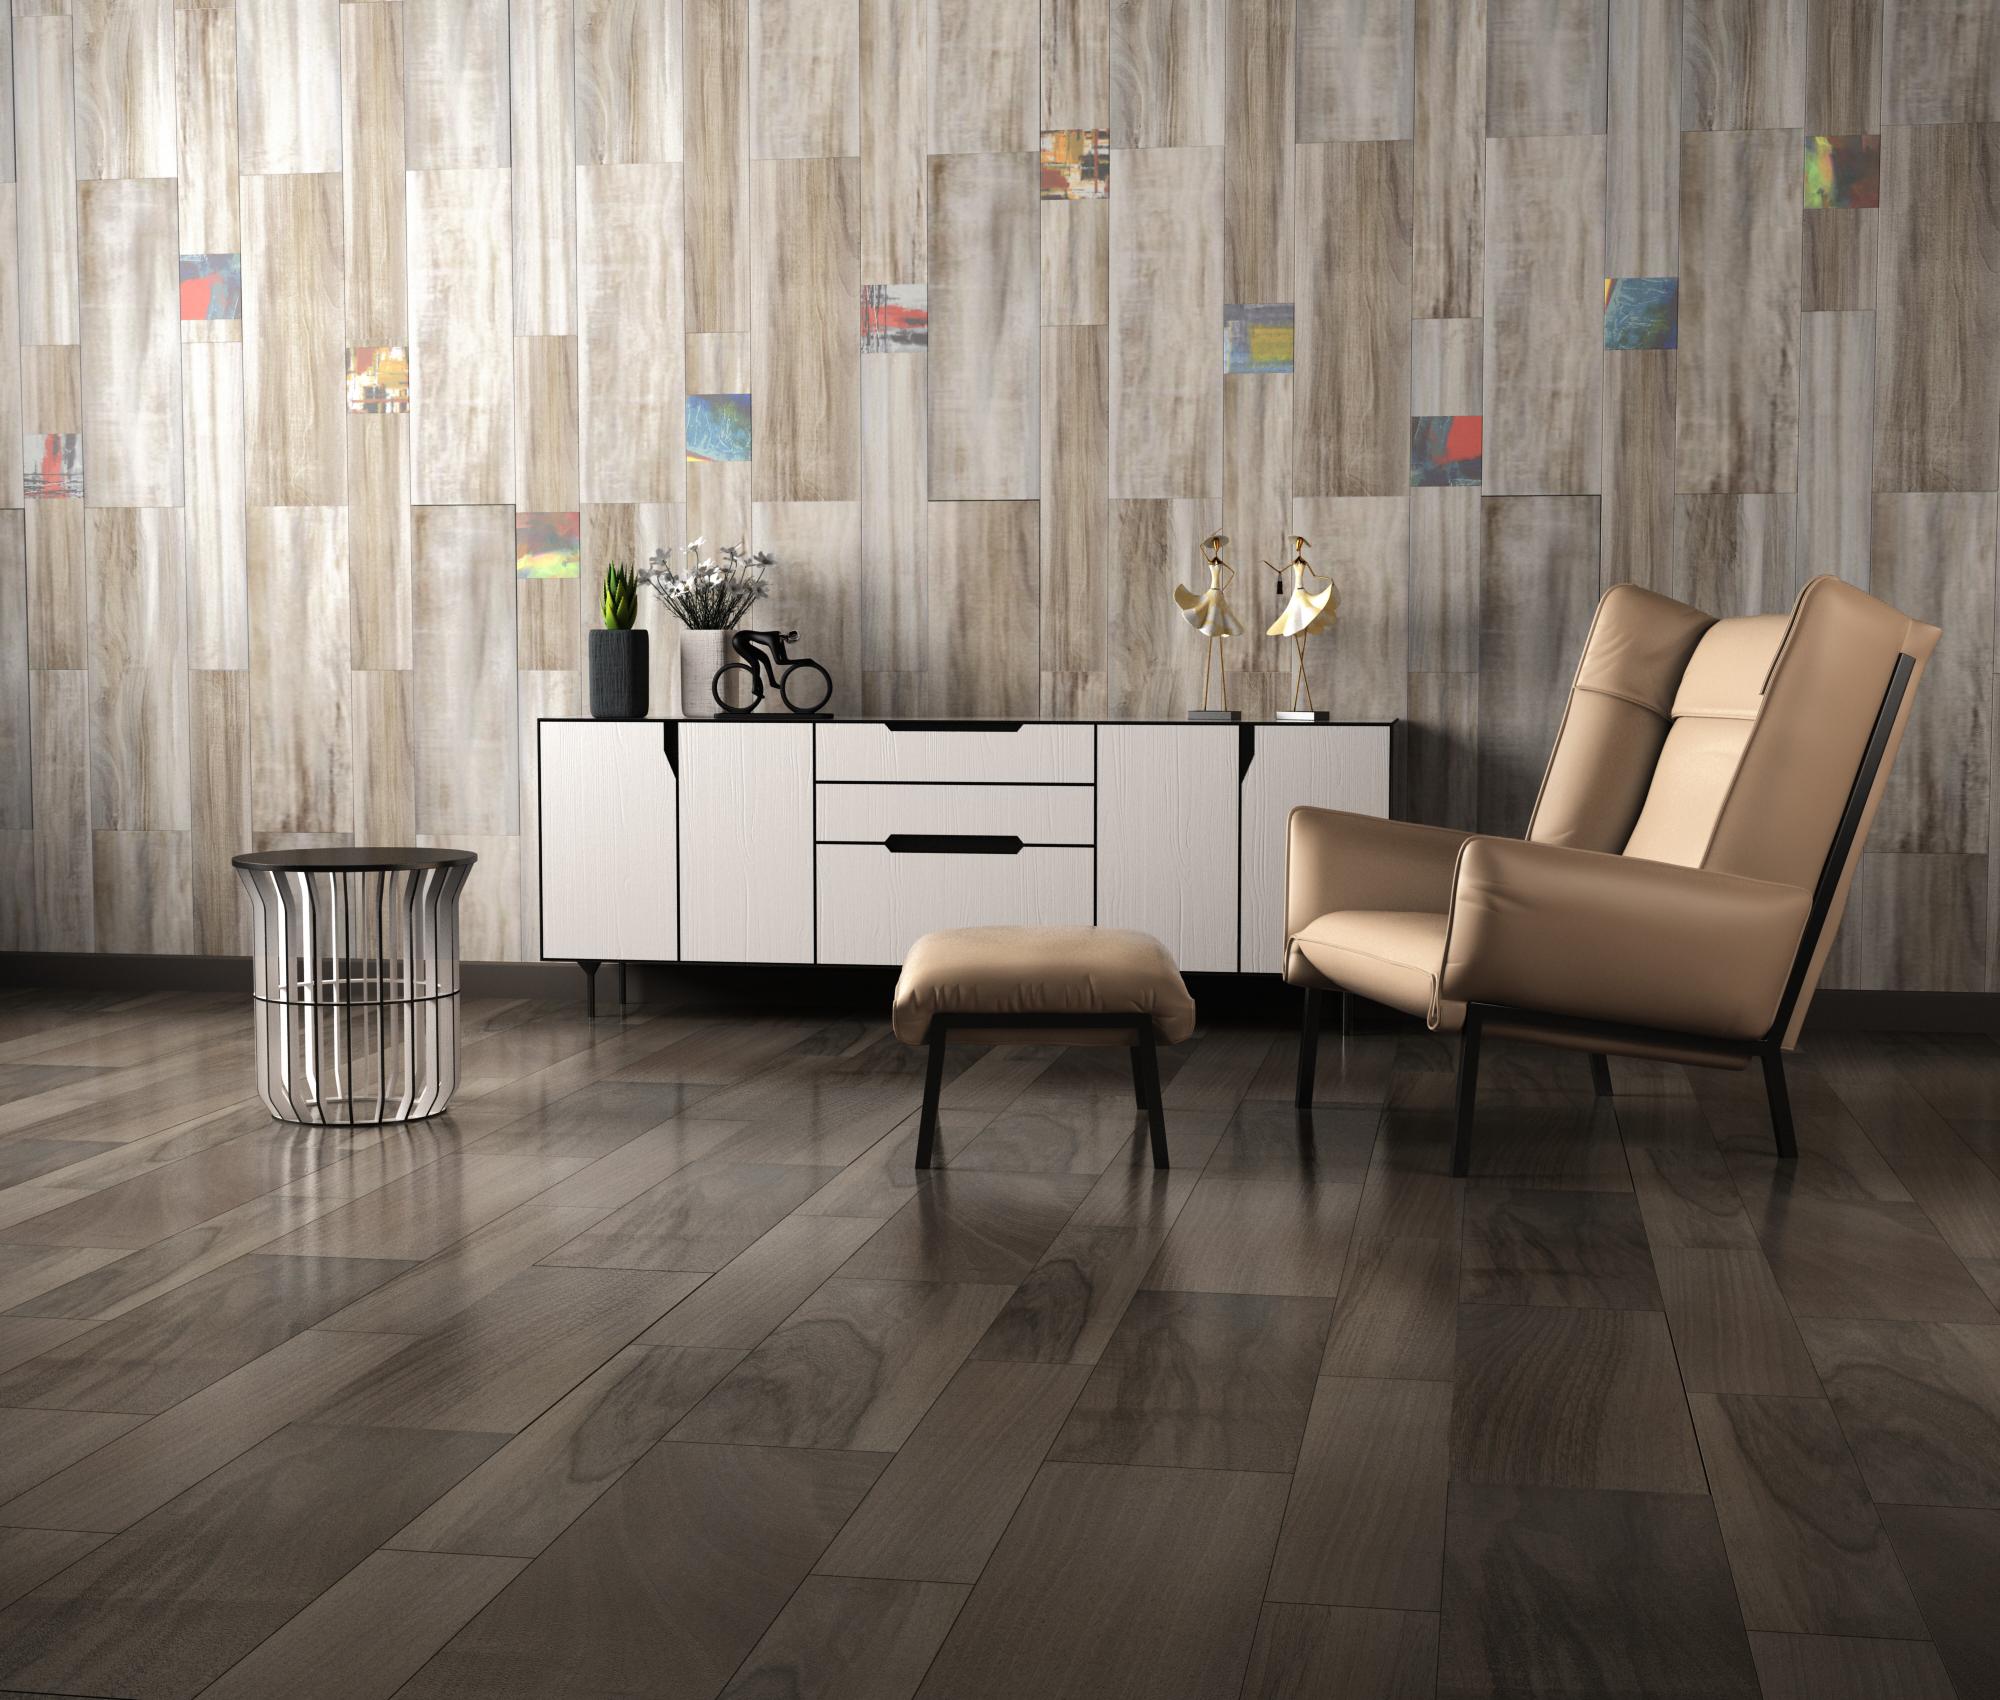 客厅地板砖用通体砖还是抛釉砖好